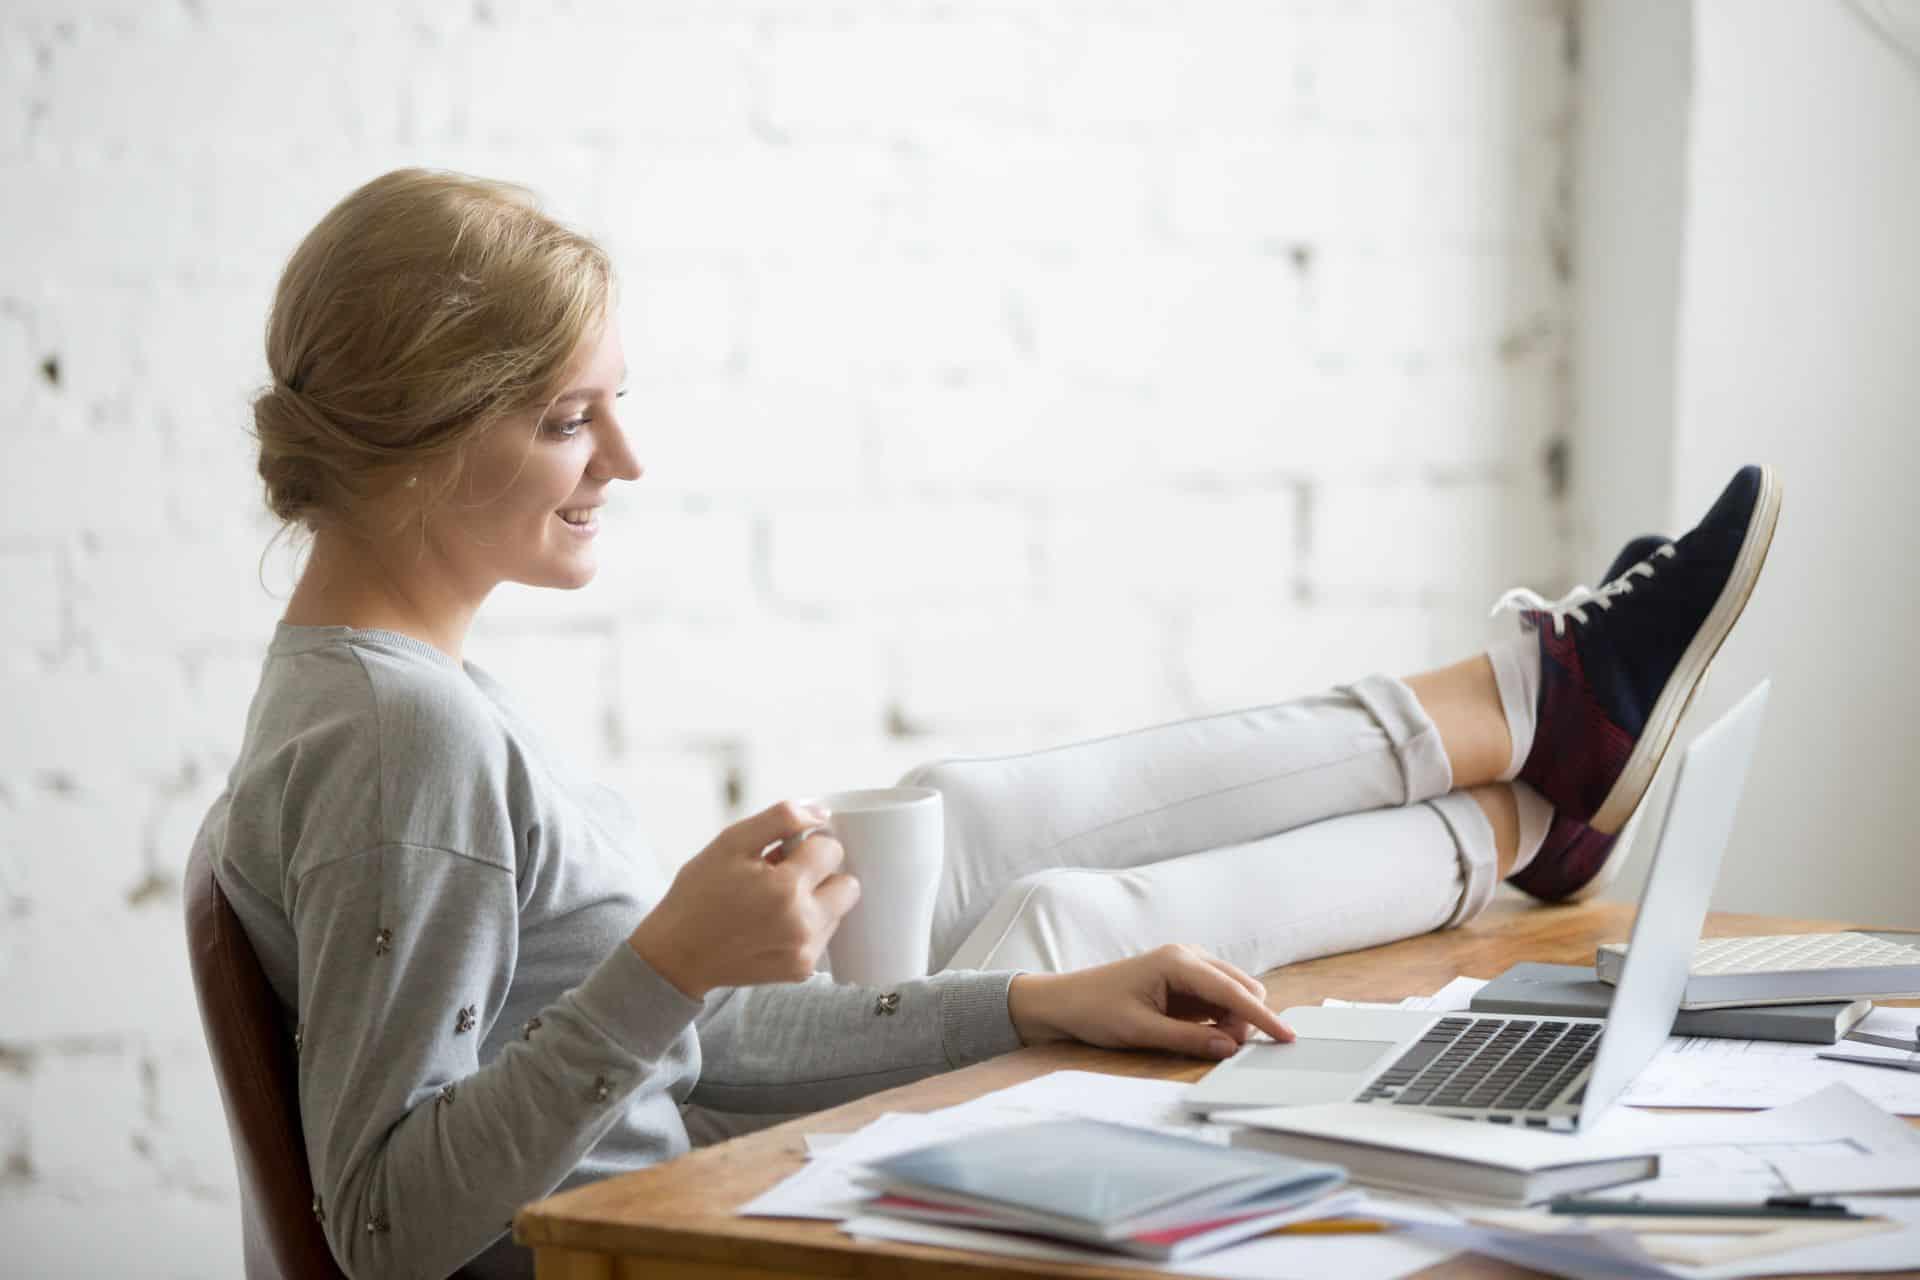 hogyan lehet pénzt keresni jó ötletekkel hogyan lehet pénzt keresni az internetes feladatokkal